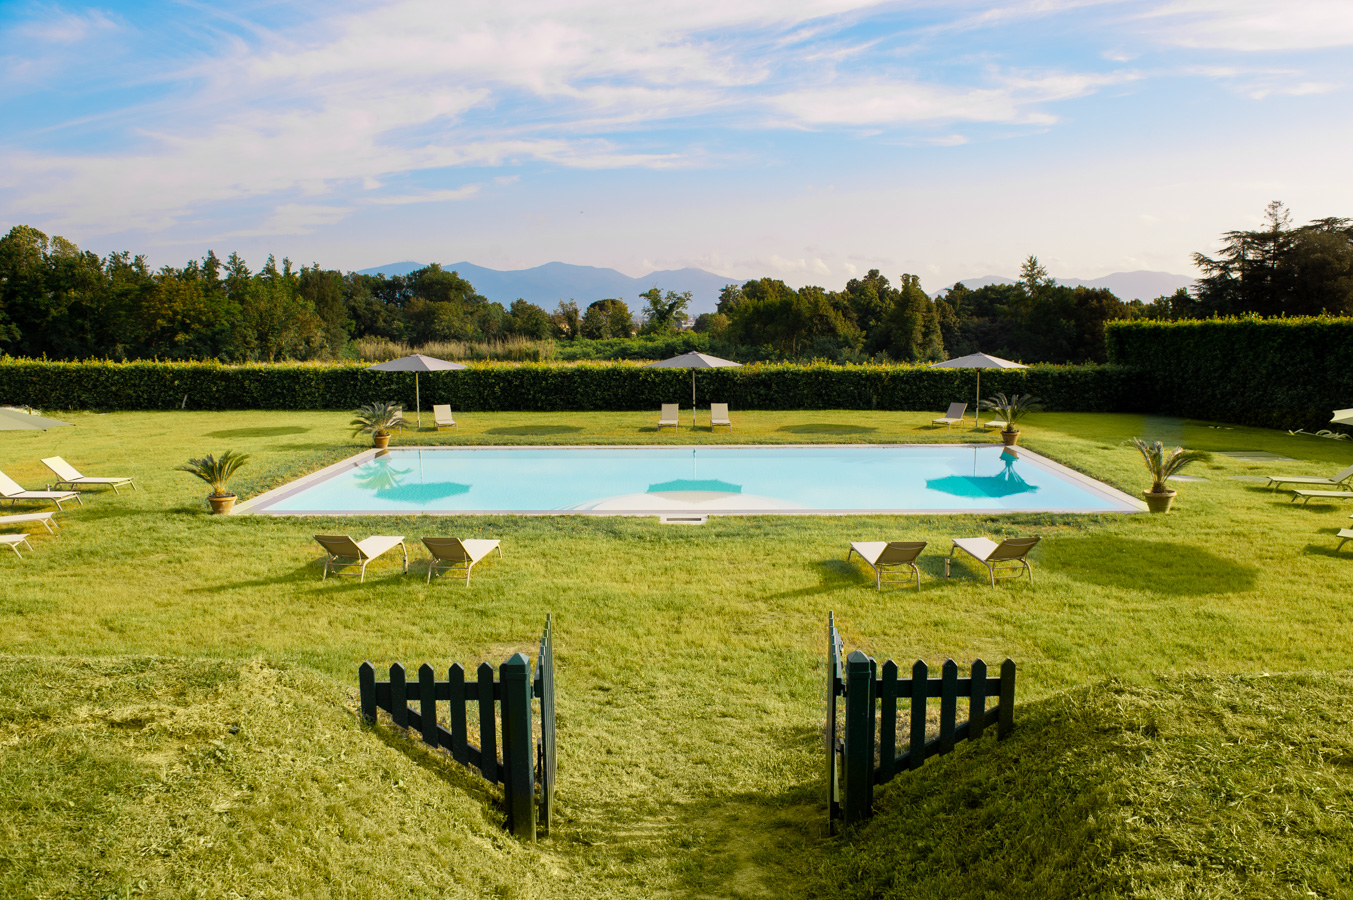 La piscina infinity dell'Arancera di Villa Grabau